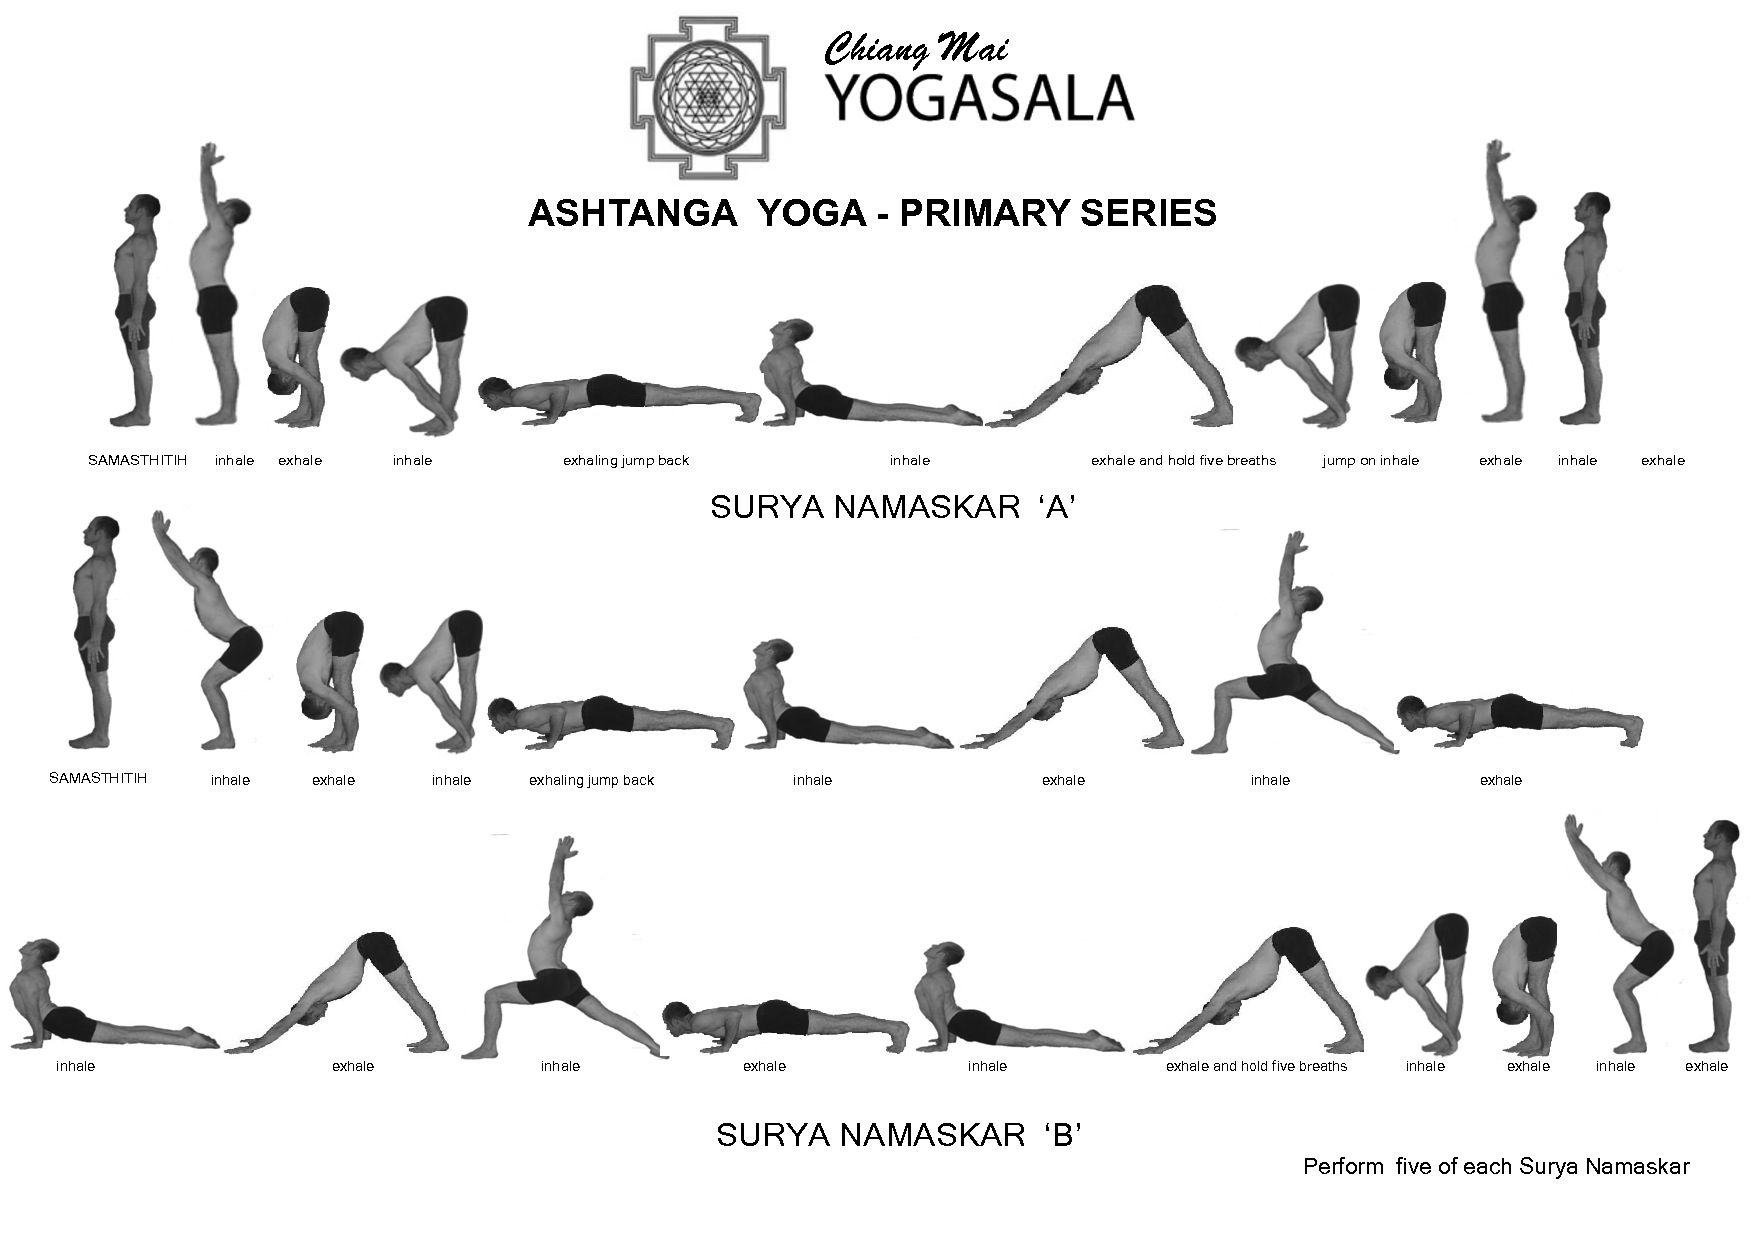 Лучшие асаны и комплексы хатха-йоги для начинающих